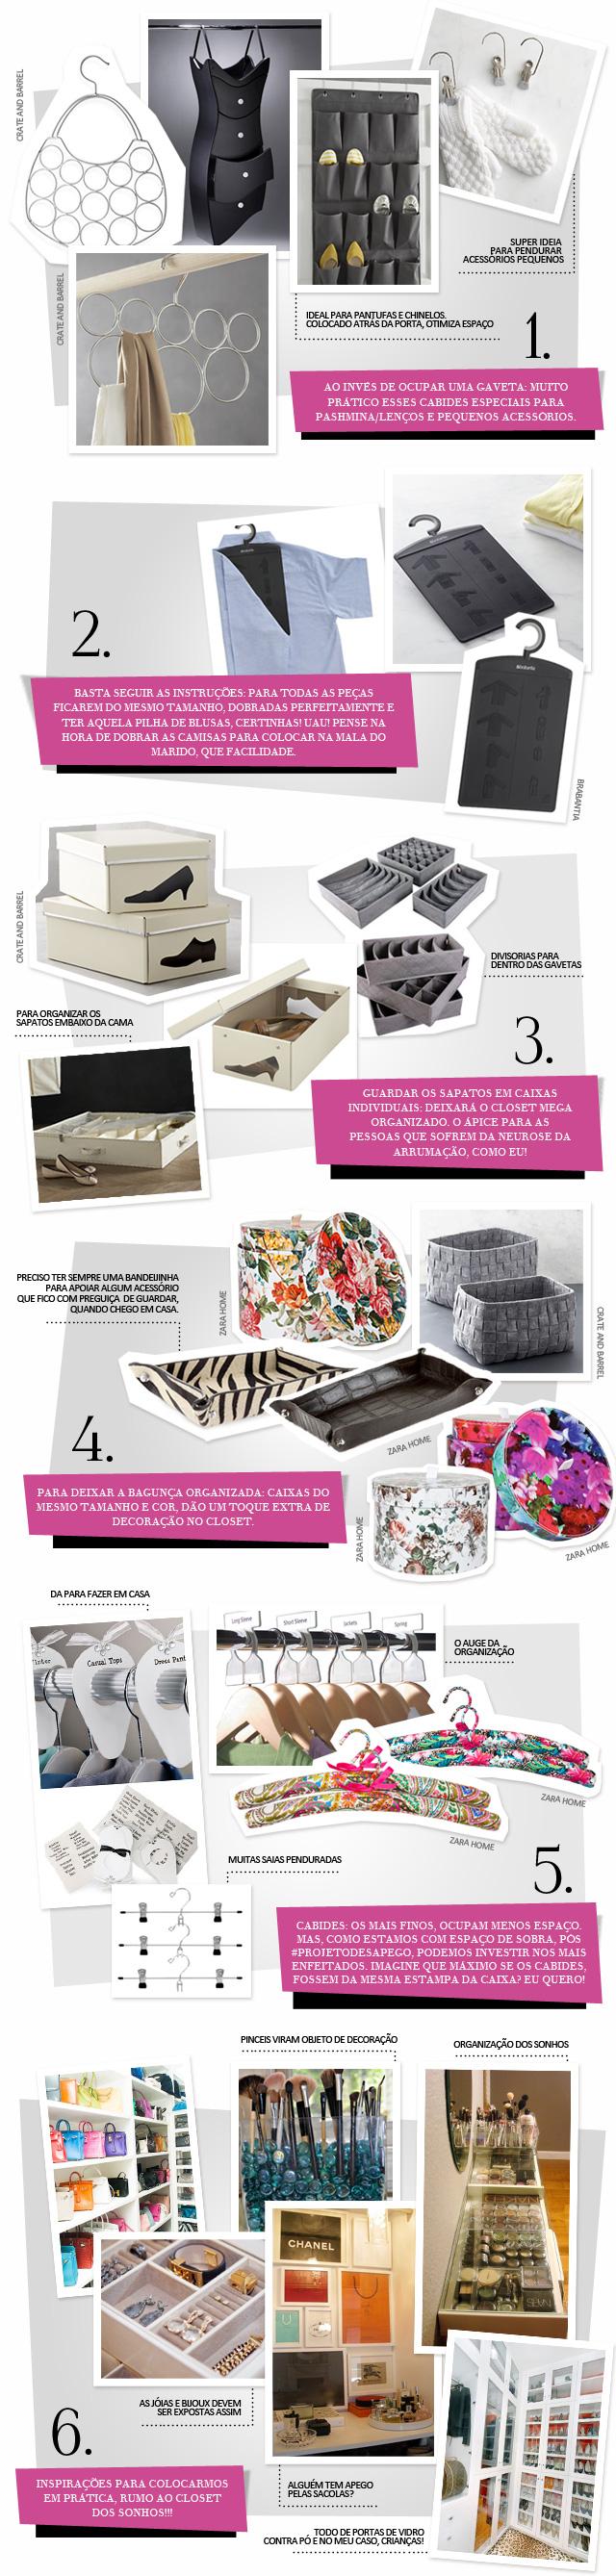 blog-da-alice-ferraz-truque-do-dia-organizacao-closet